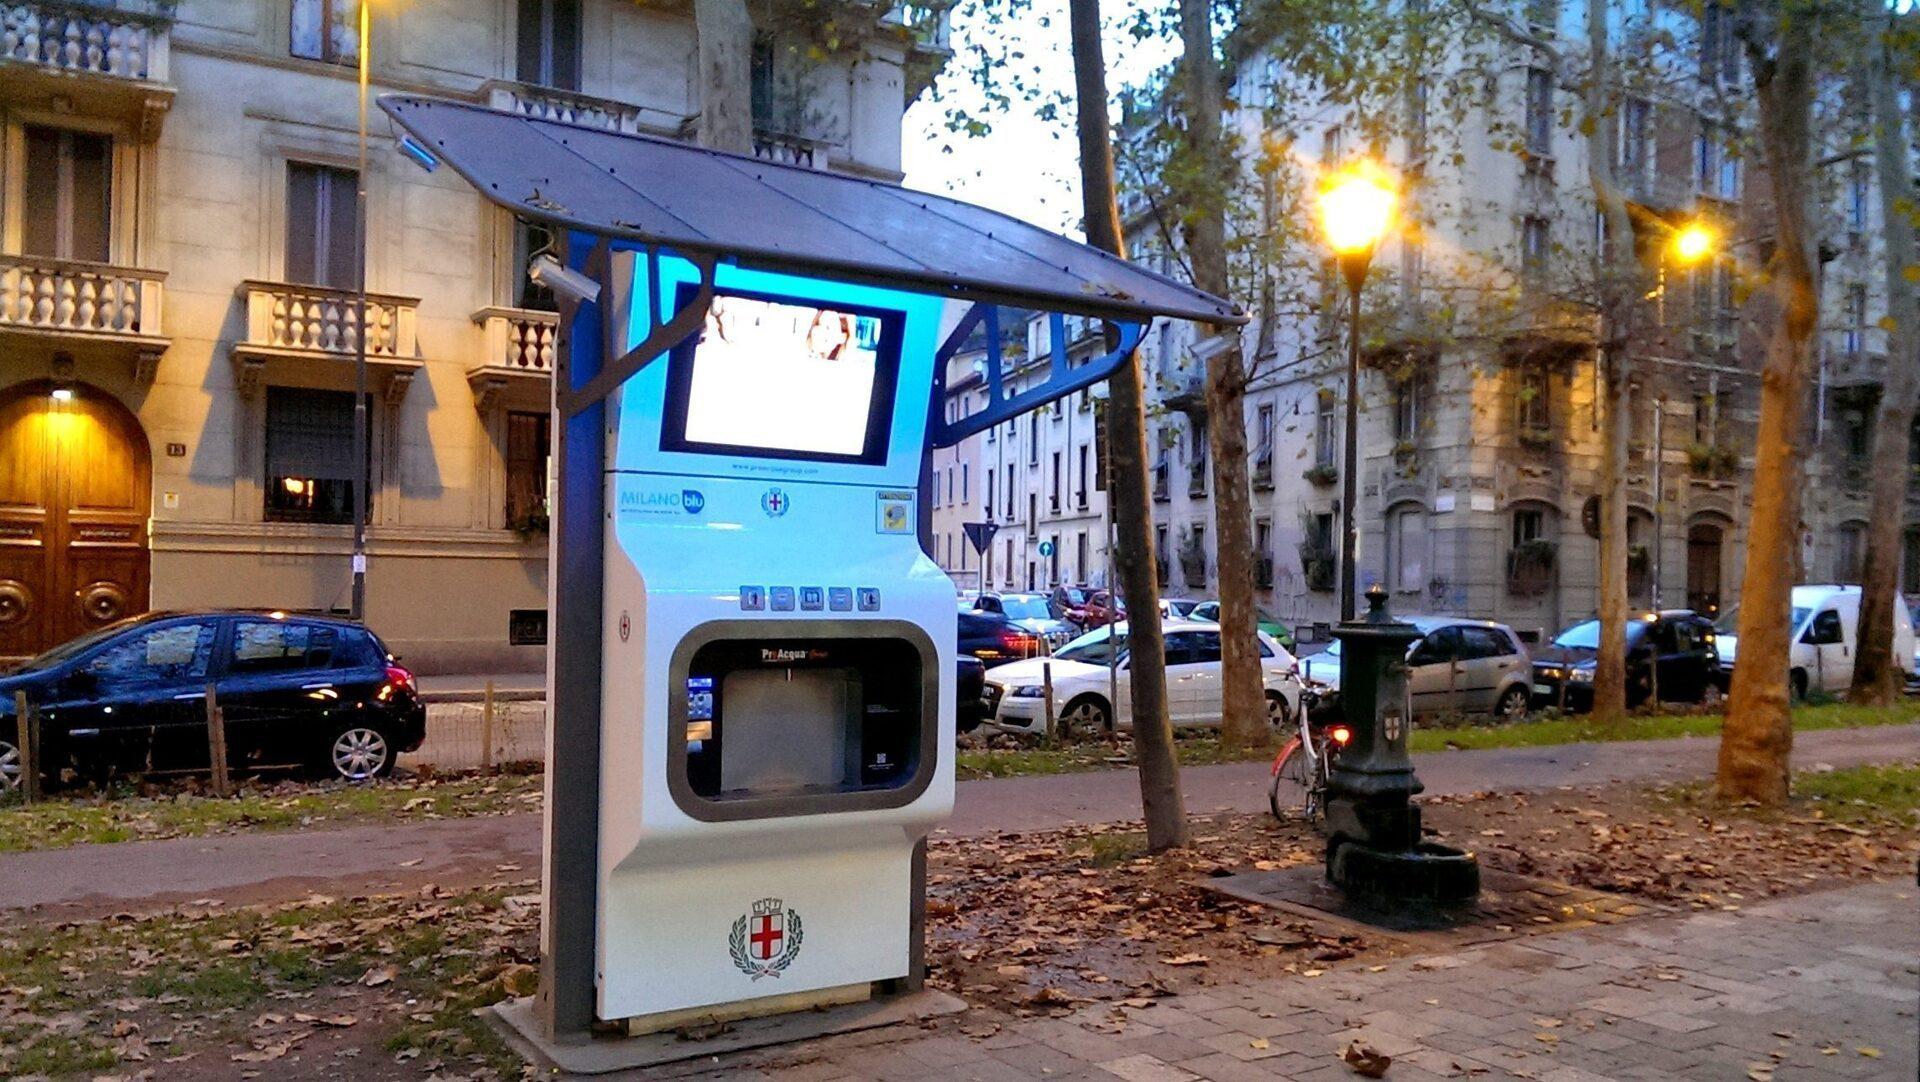 Milano, acqua pubblica e potabile in città - Viaggi Low Cost